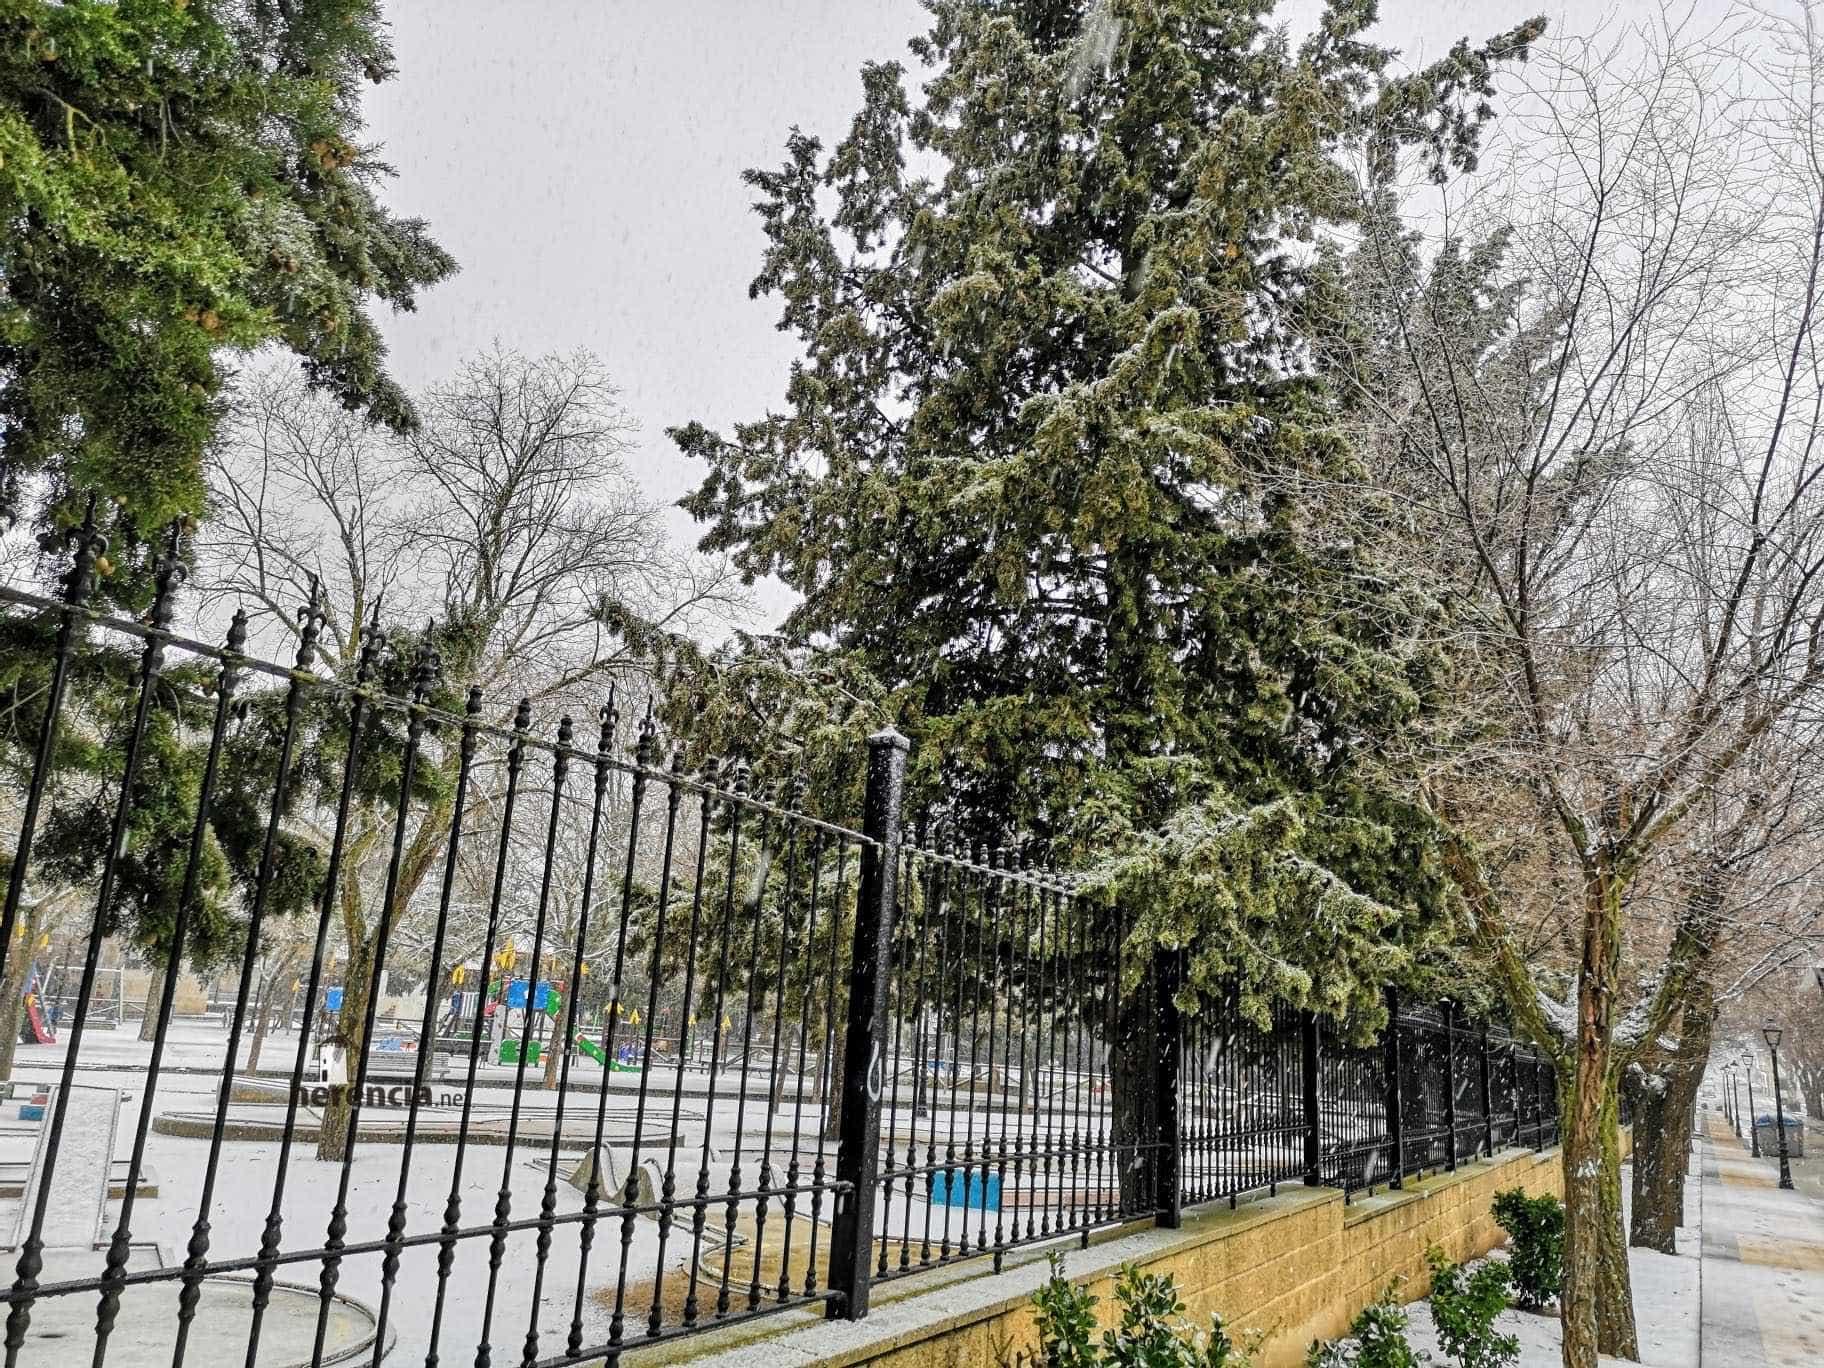 Las nevadas llegan Herencia y a toda Castilla-La Mancha (actualizado) 109